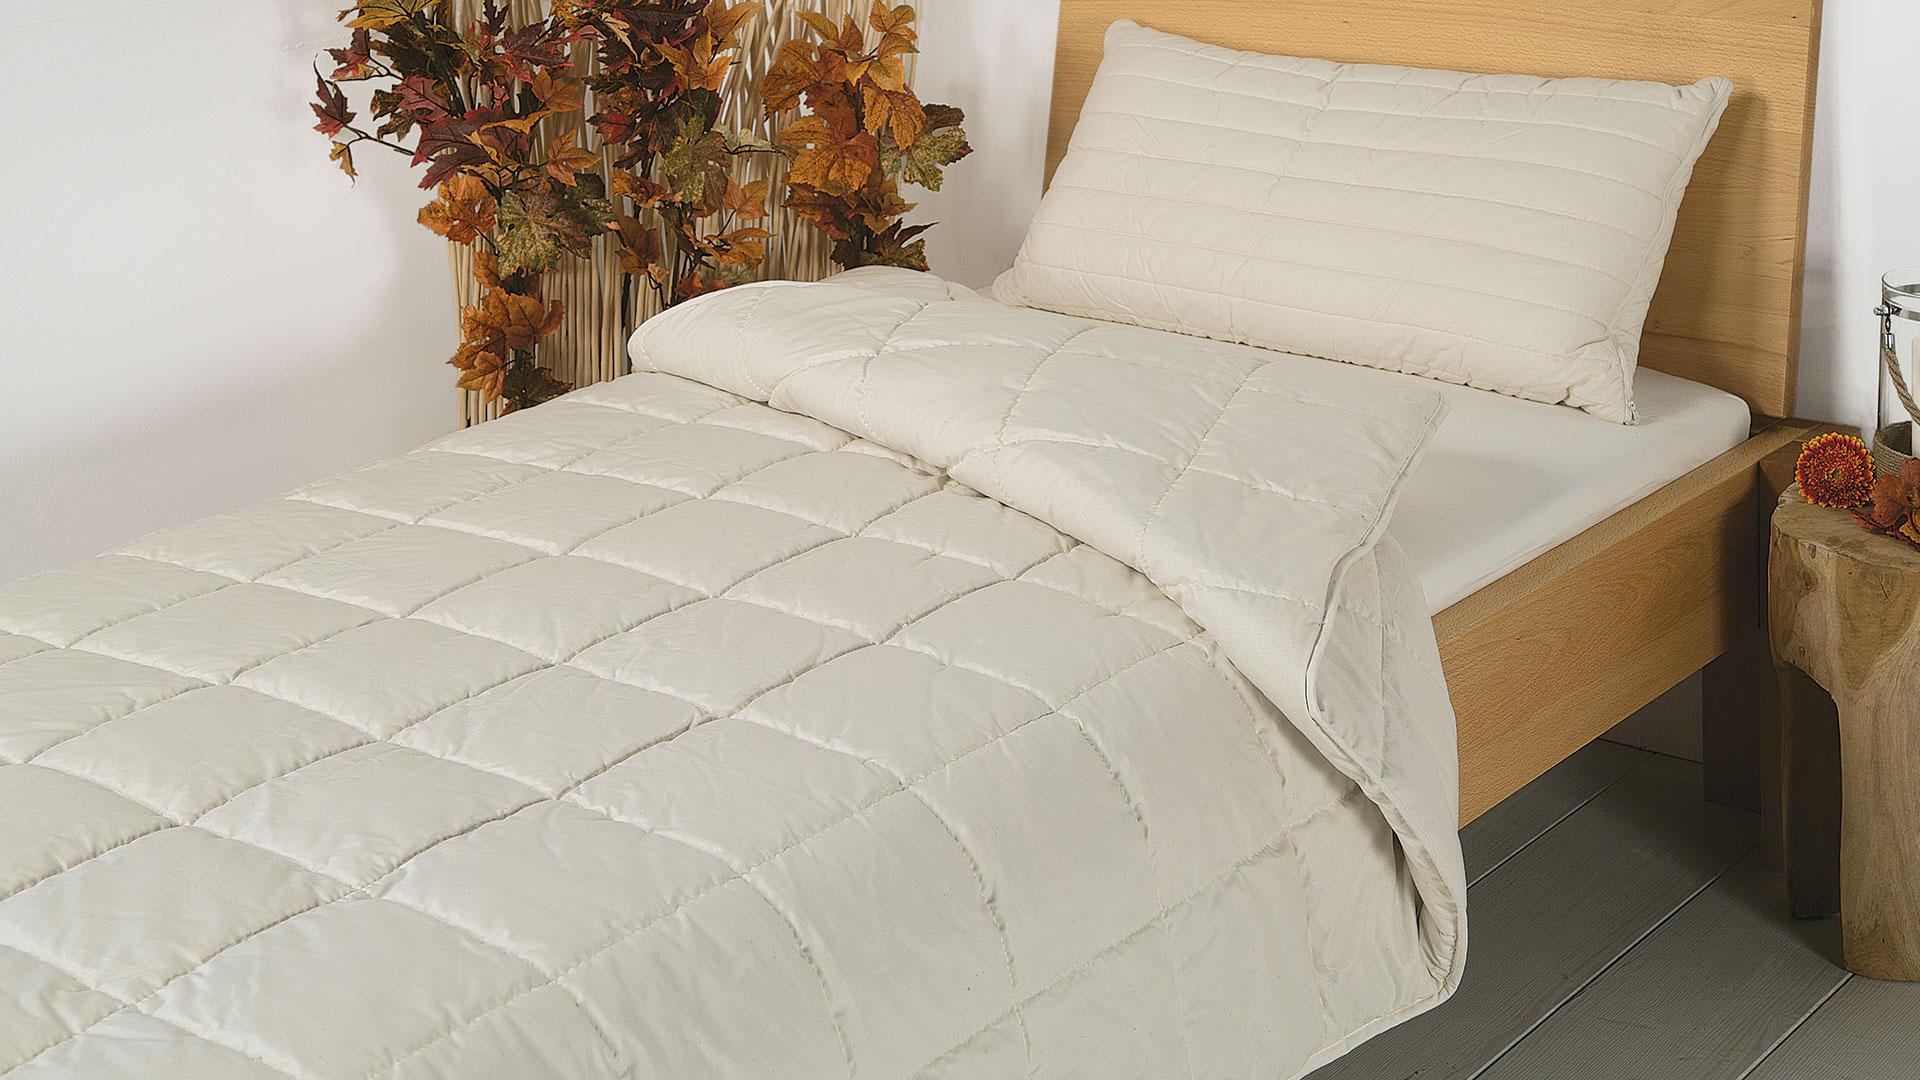 Inspirierend übergroße Bettdecke Beste Wahl Canapa